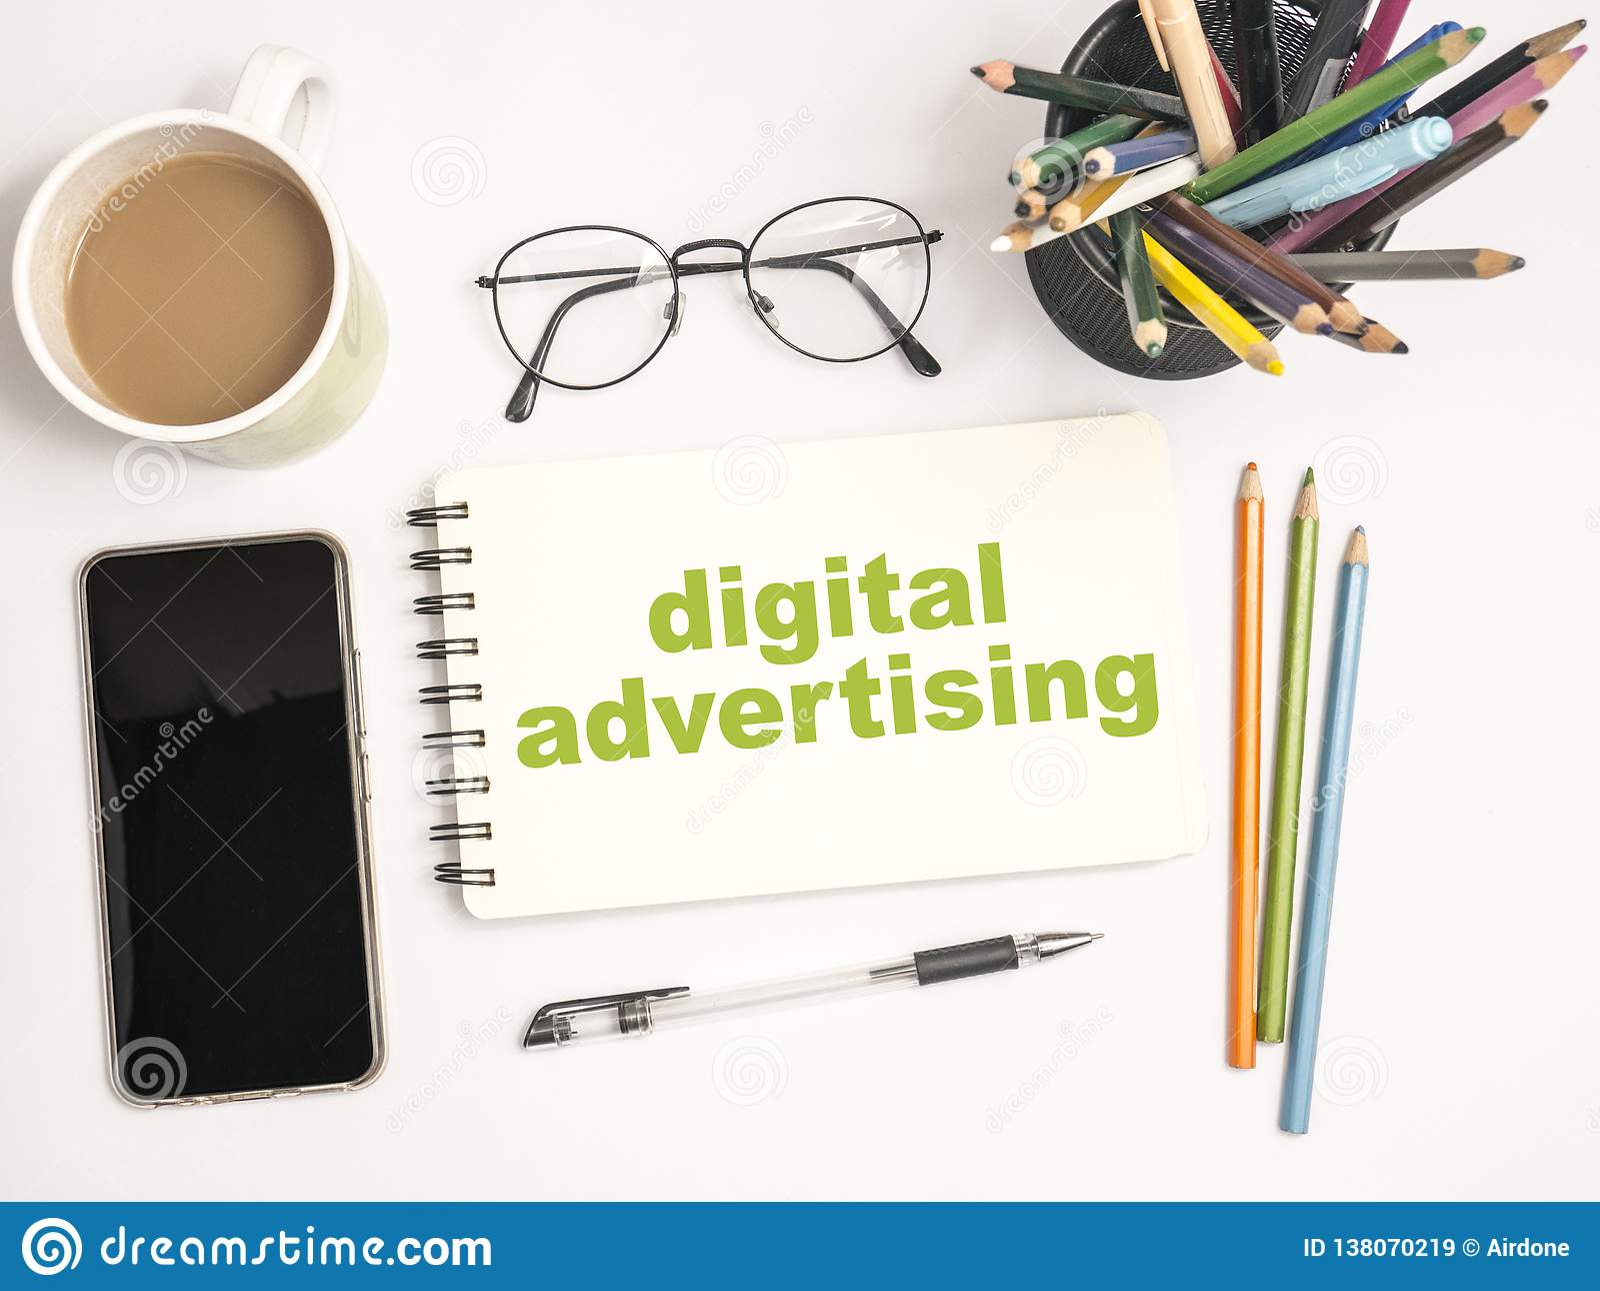 Ψηφιακή διαφήμιση, κινητήρια έννοια αποσπασμάτων λέξεων επιχειρησιακού μάρκετινγκ